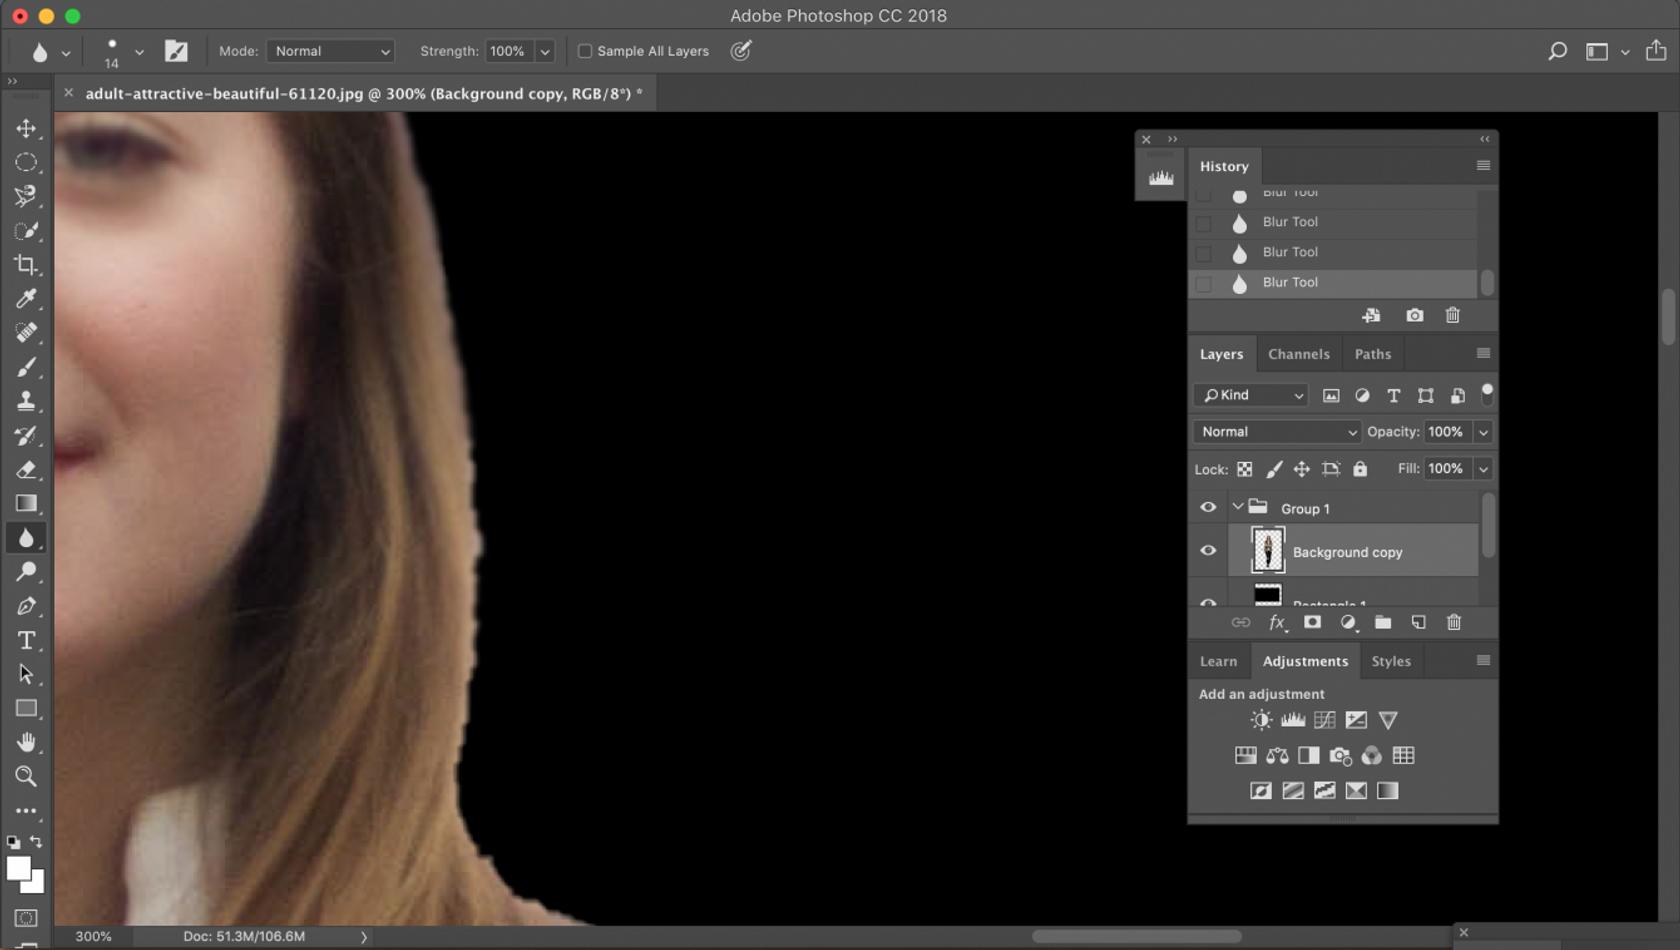 como suavizar los bordes en photoshop, como redondear los bordes en photoshop, como suavizar los bordes de una imagen recortada en photoshop, como suavizar los bordes de una seleccion en photoshop, como suavizar bordes de un recorte en photoshop, suavizar los bordes de una imagen en photoshop